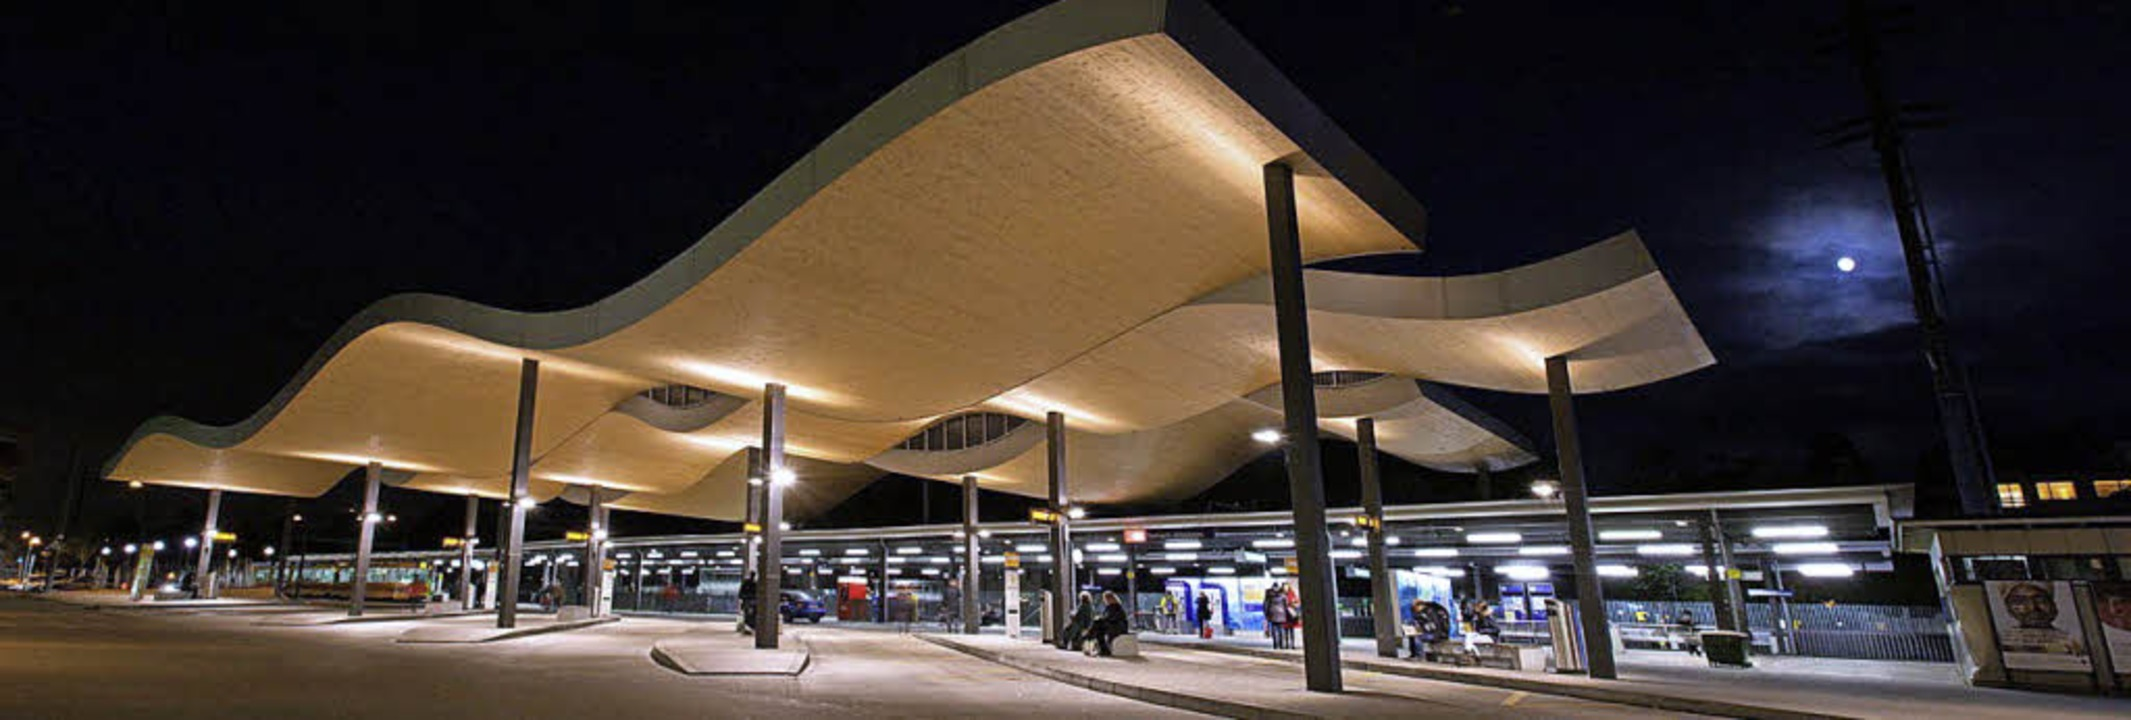 Faszination Holzleimbau: Hier das Dach des Busbahnhofs  Dornach/Arlesheim.   | Foto: Markus Ruf/ZVG